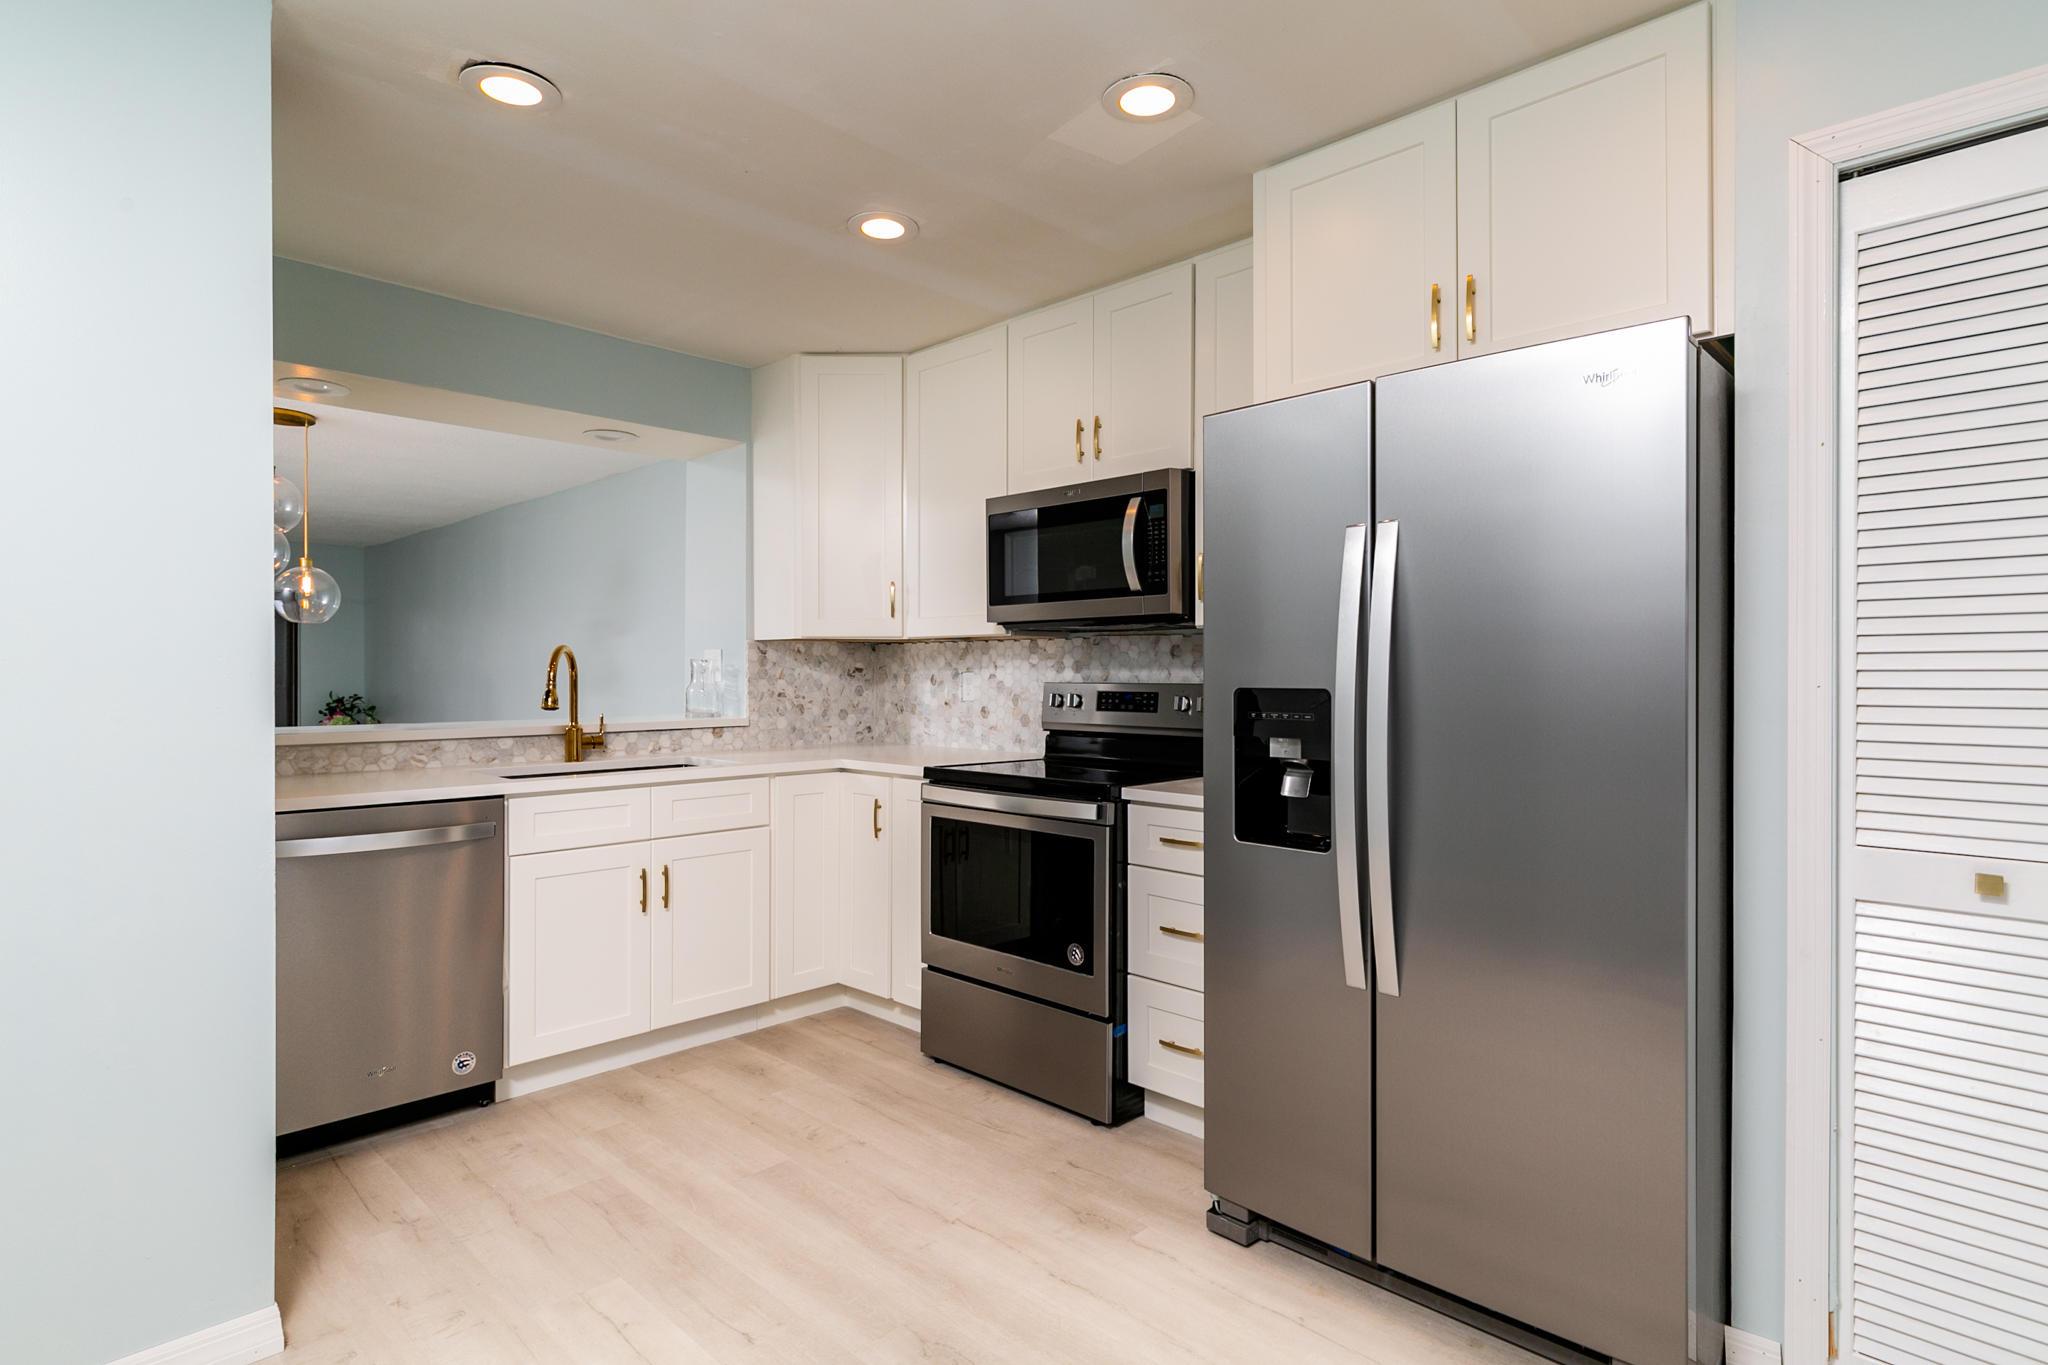 162 Saint Lucie Boulevard,Stuart,Florida 34996,2 Bedrooms Bedrooms,2 BathroomsBathrooms,Condo/coop,Saint Lucie,RX-10609283